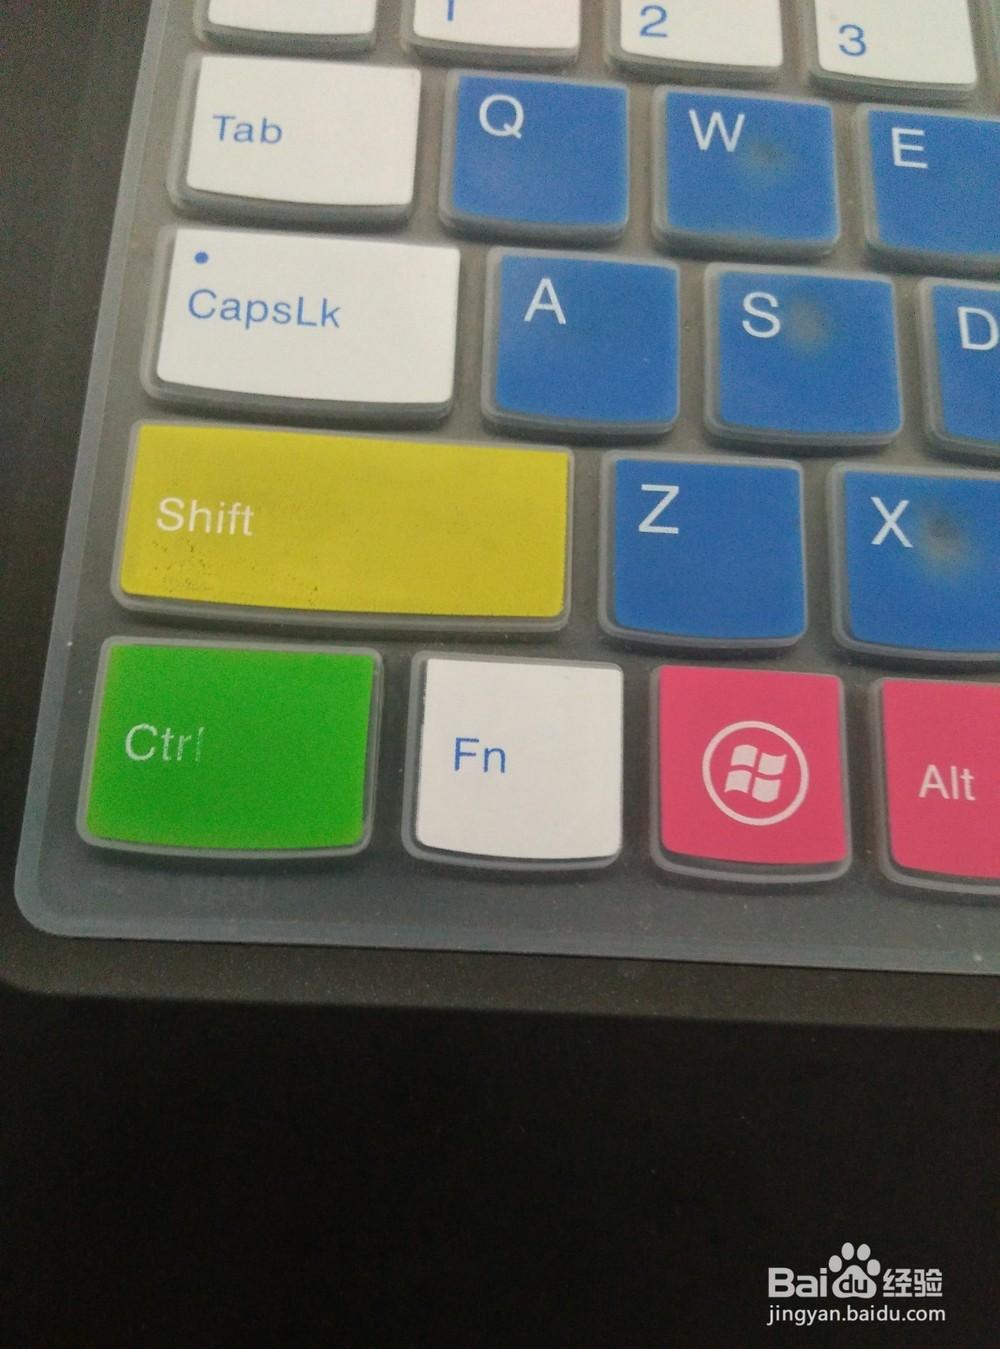 笔记本电脑INSERT键在哪里,怎样使用